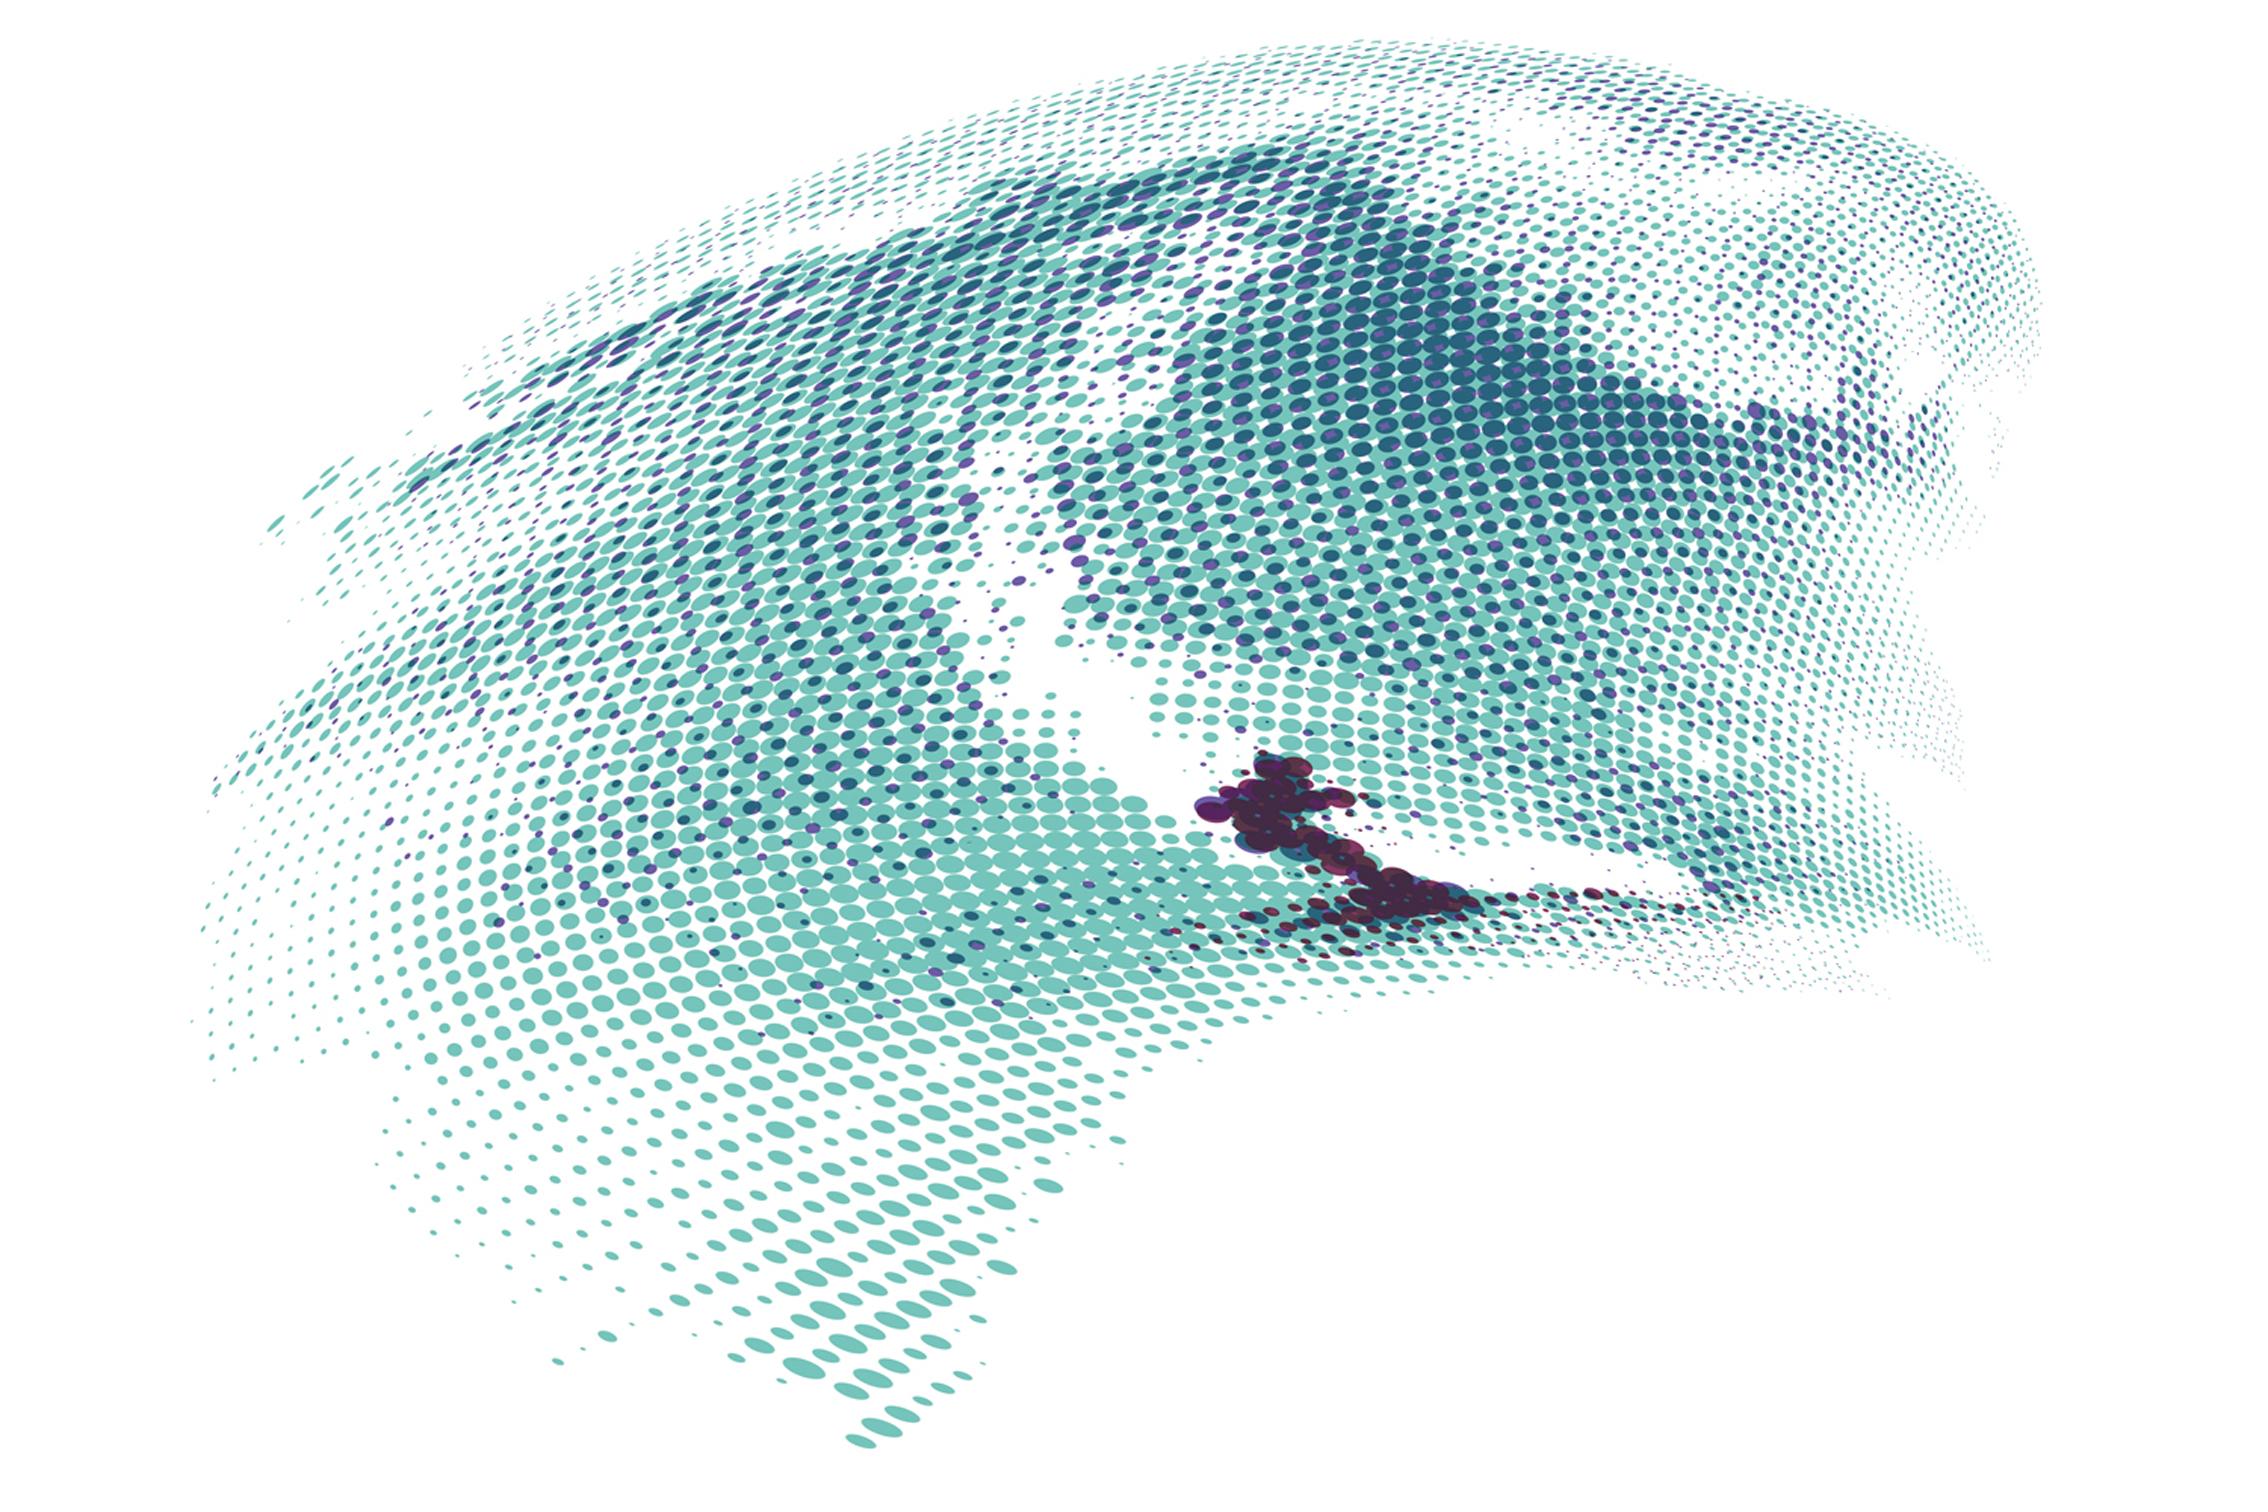 surf_GNWn_sq.jpg